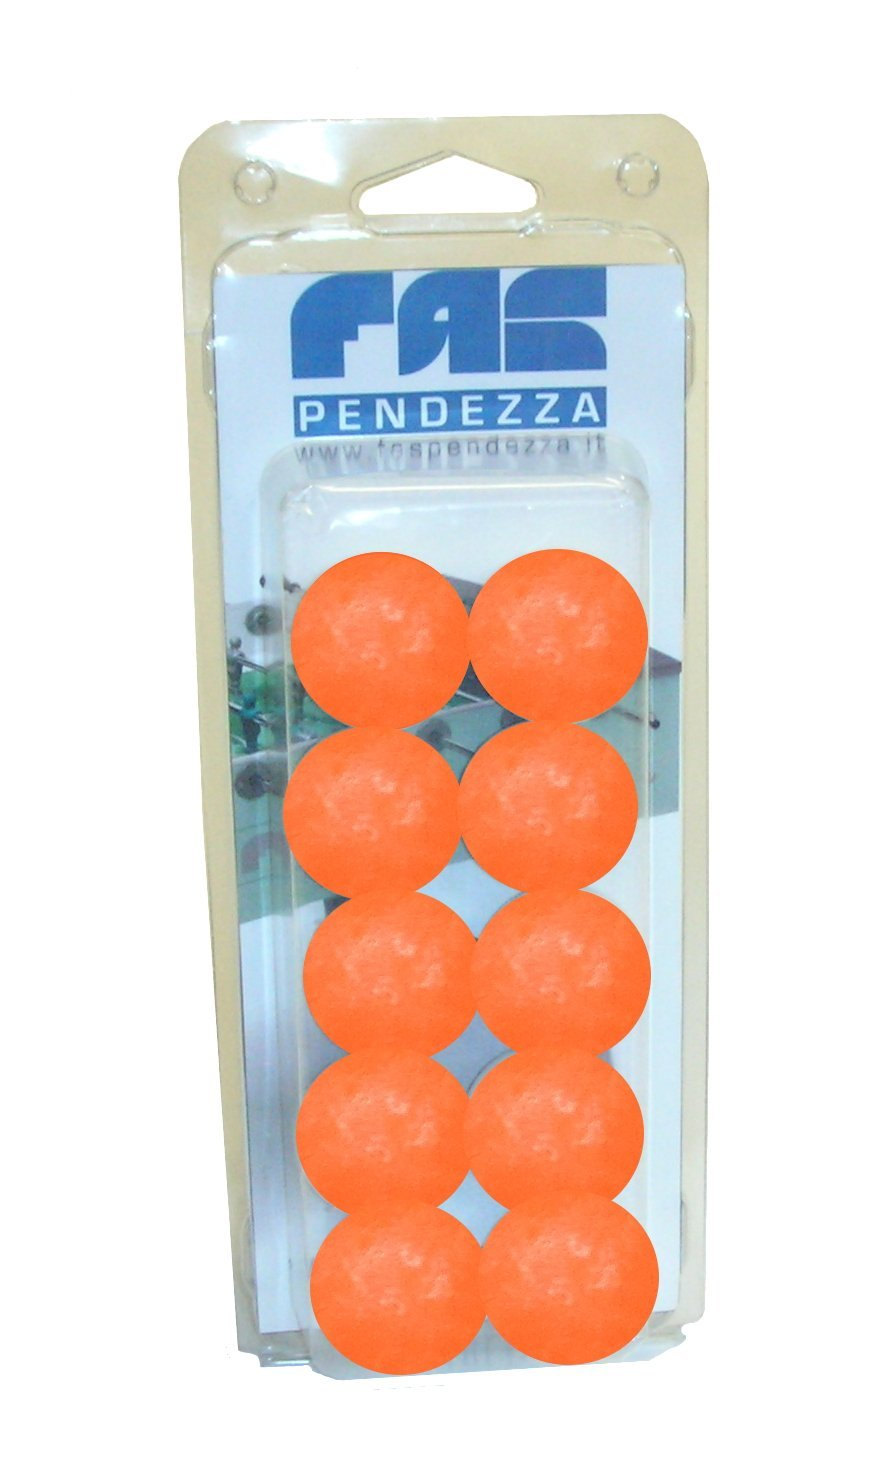 10 palline calcio balilla arancio FAS - GA19AR, Blister (confezione plastica) No name